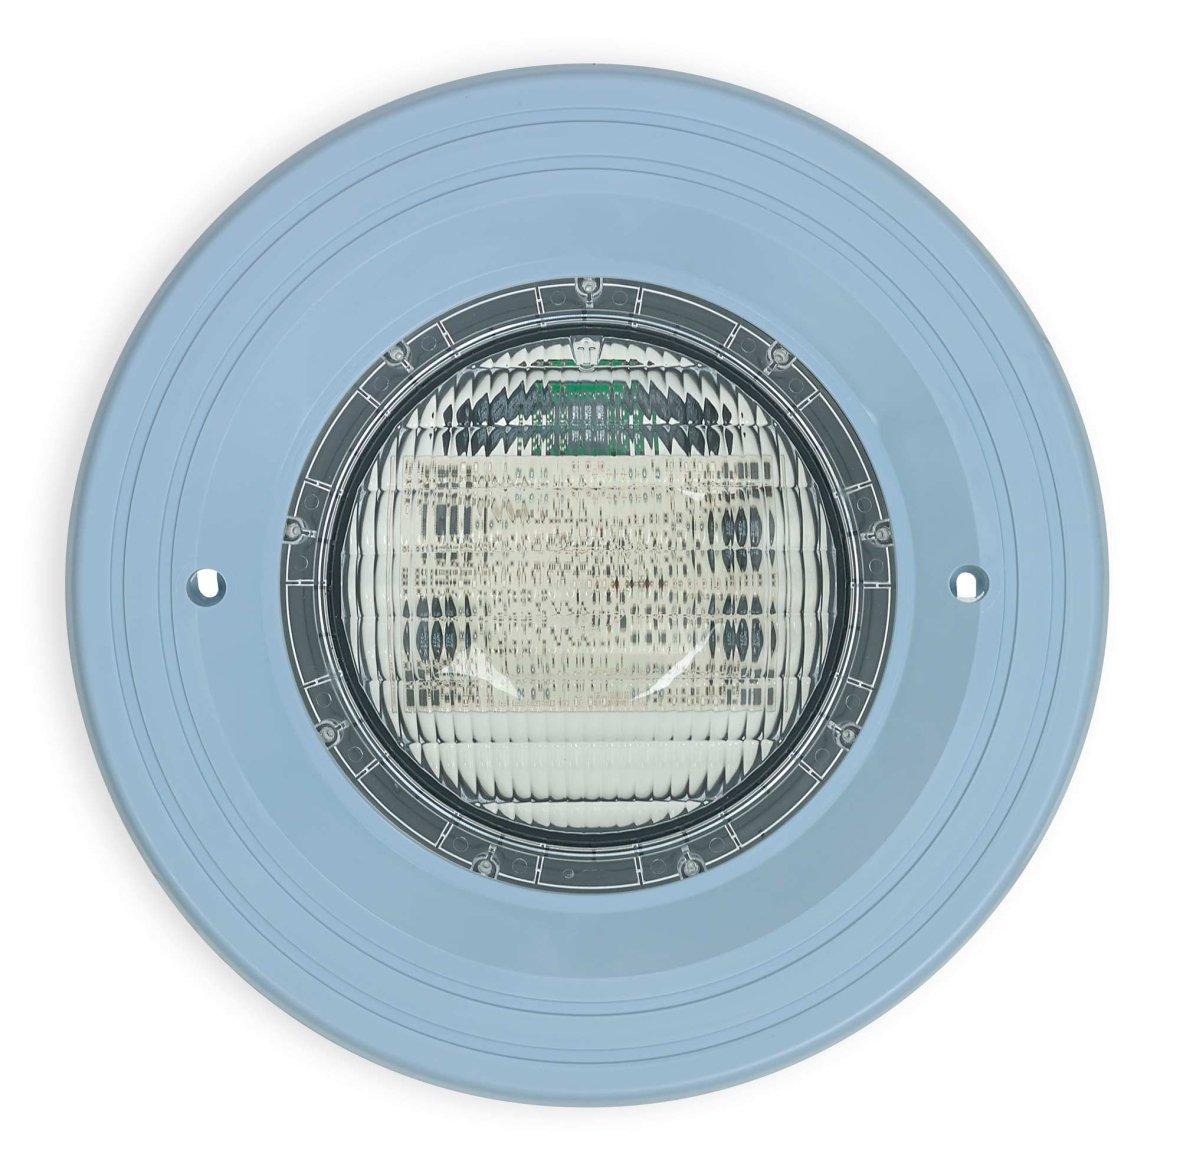 Éclairage LED à cadre bleu clair pour piscines.